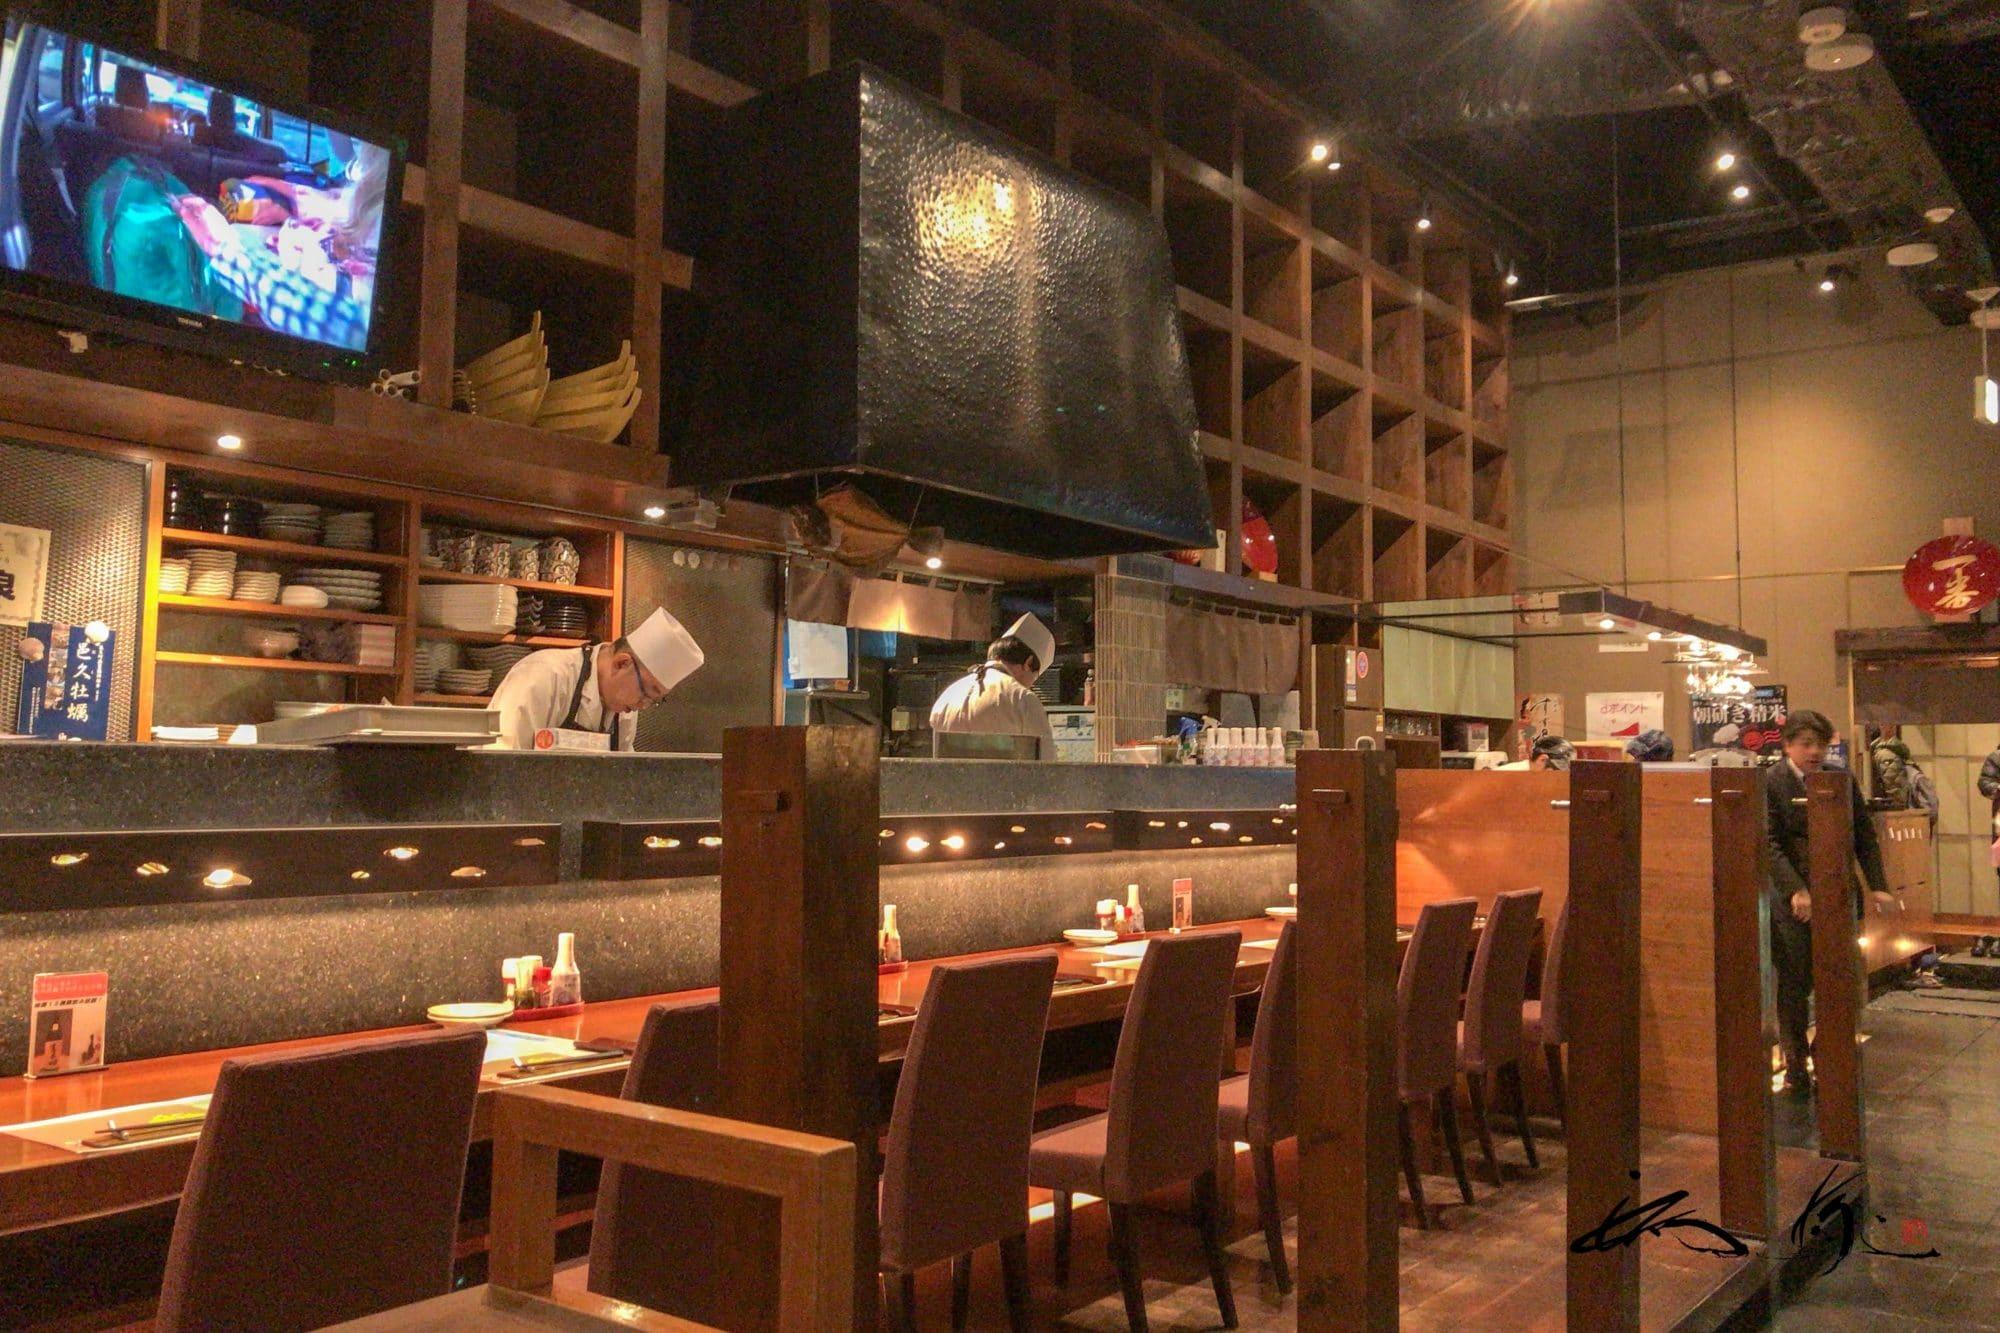 和食レストラン・味わい つき灯り(札幌市)絶品「さかな串」を味わう